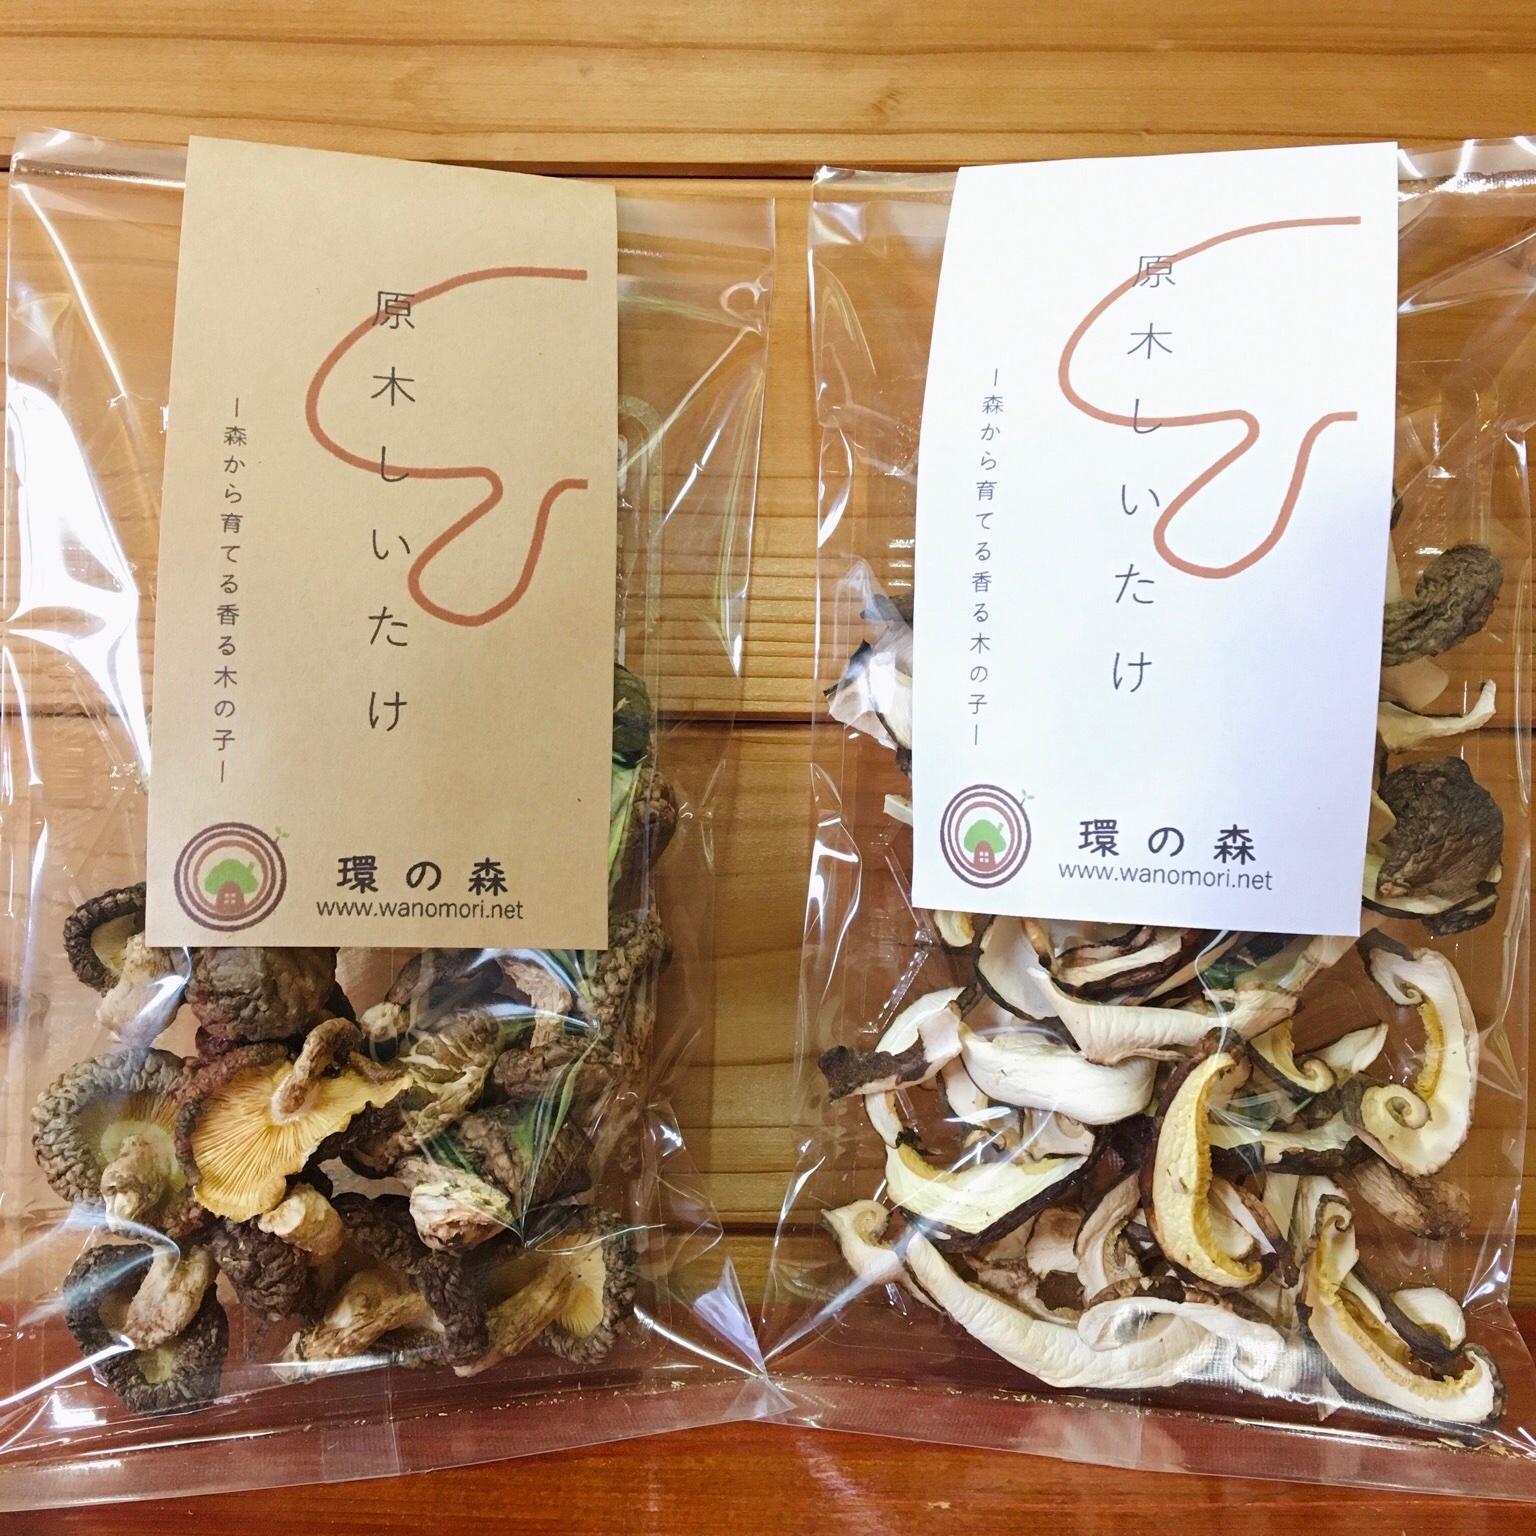 【原木乾燥しいたけセット】小粒・スライス各3袋 〜森から育てる香る木の子シリーズ〜 小粒40g ×3    スライス25g ×3 野菜/きのこ通販